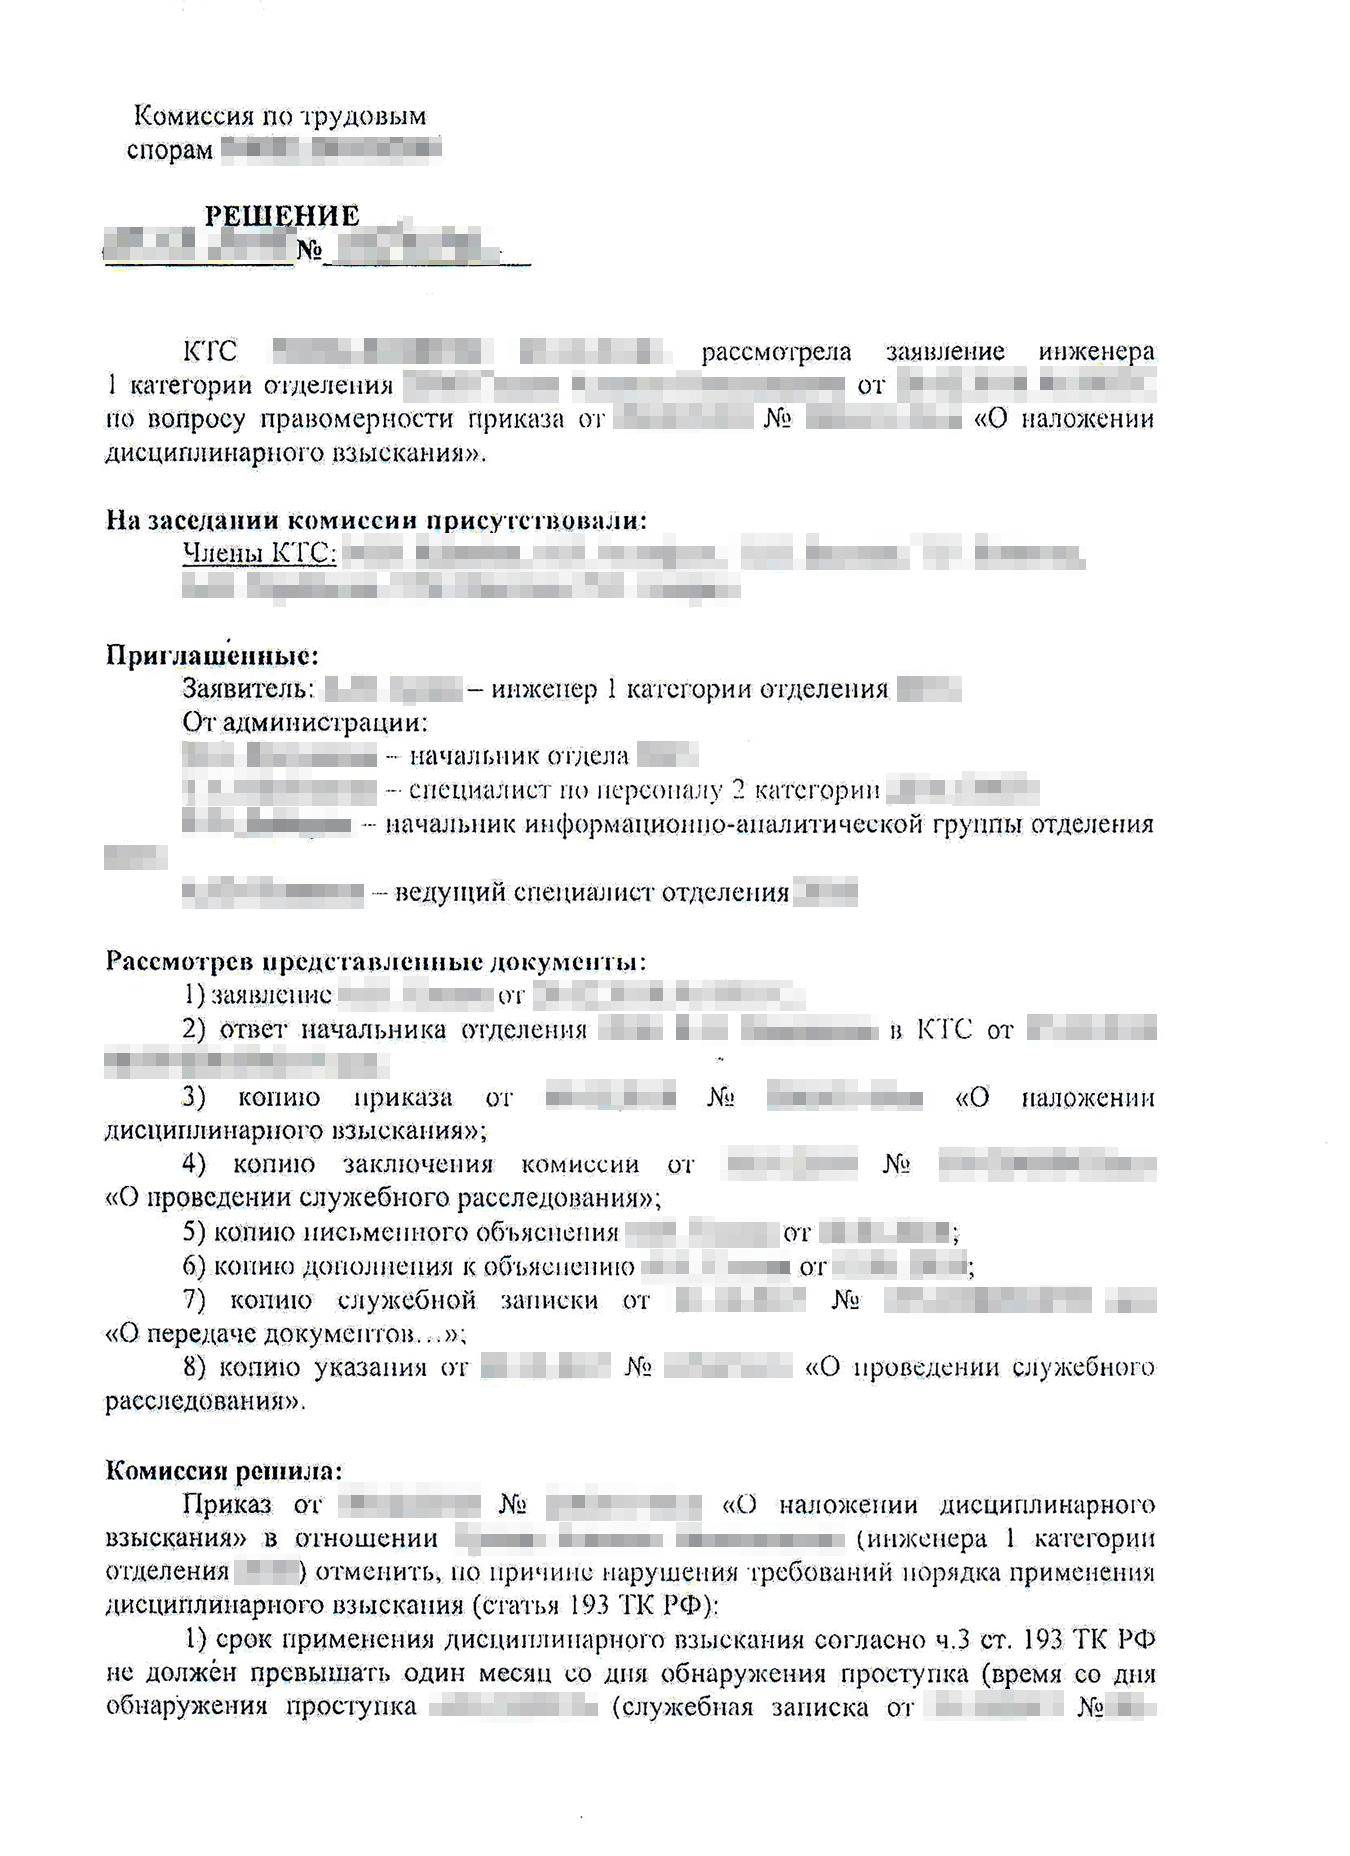 срок обжалования приказа о дисциплинарном взыскании